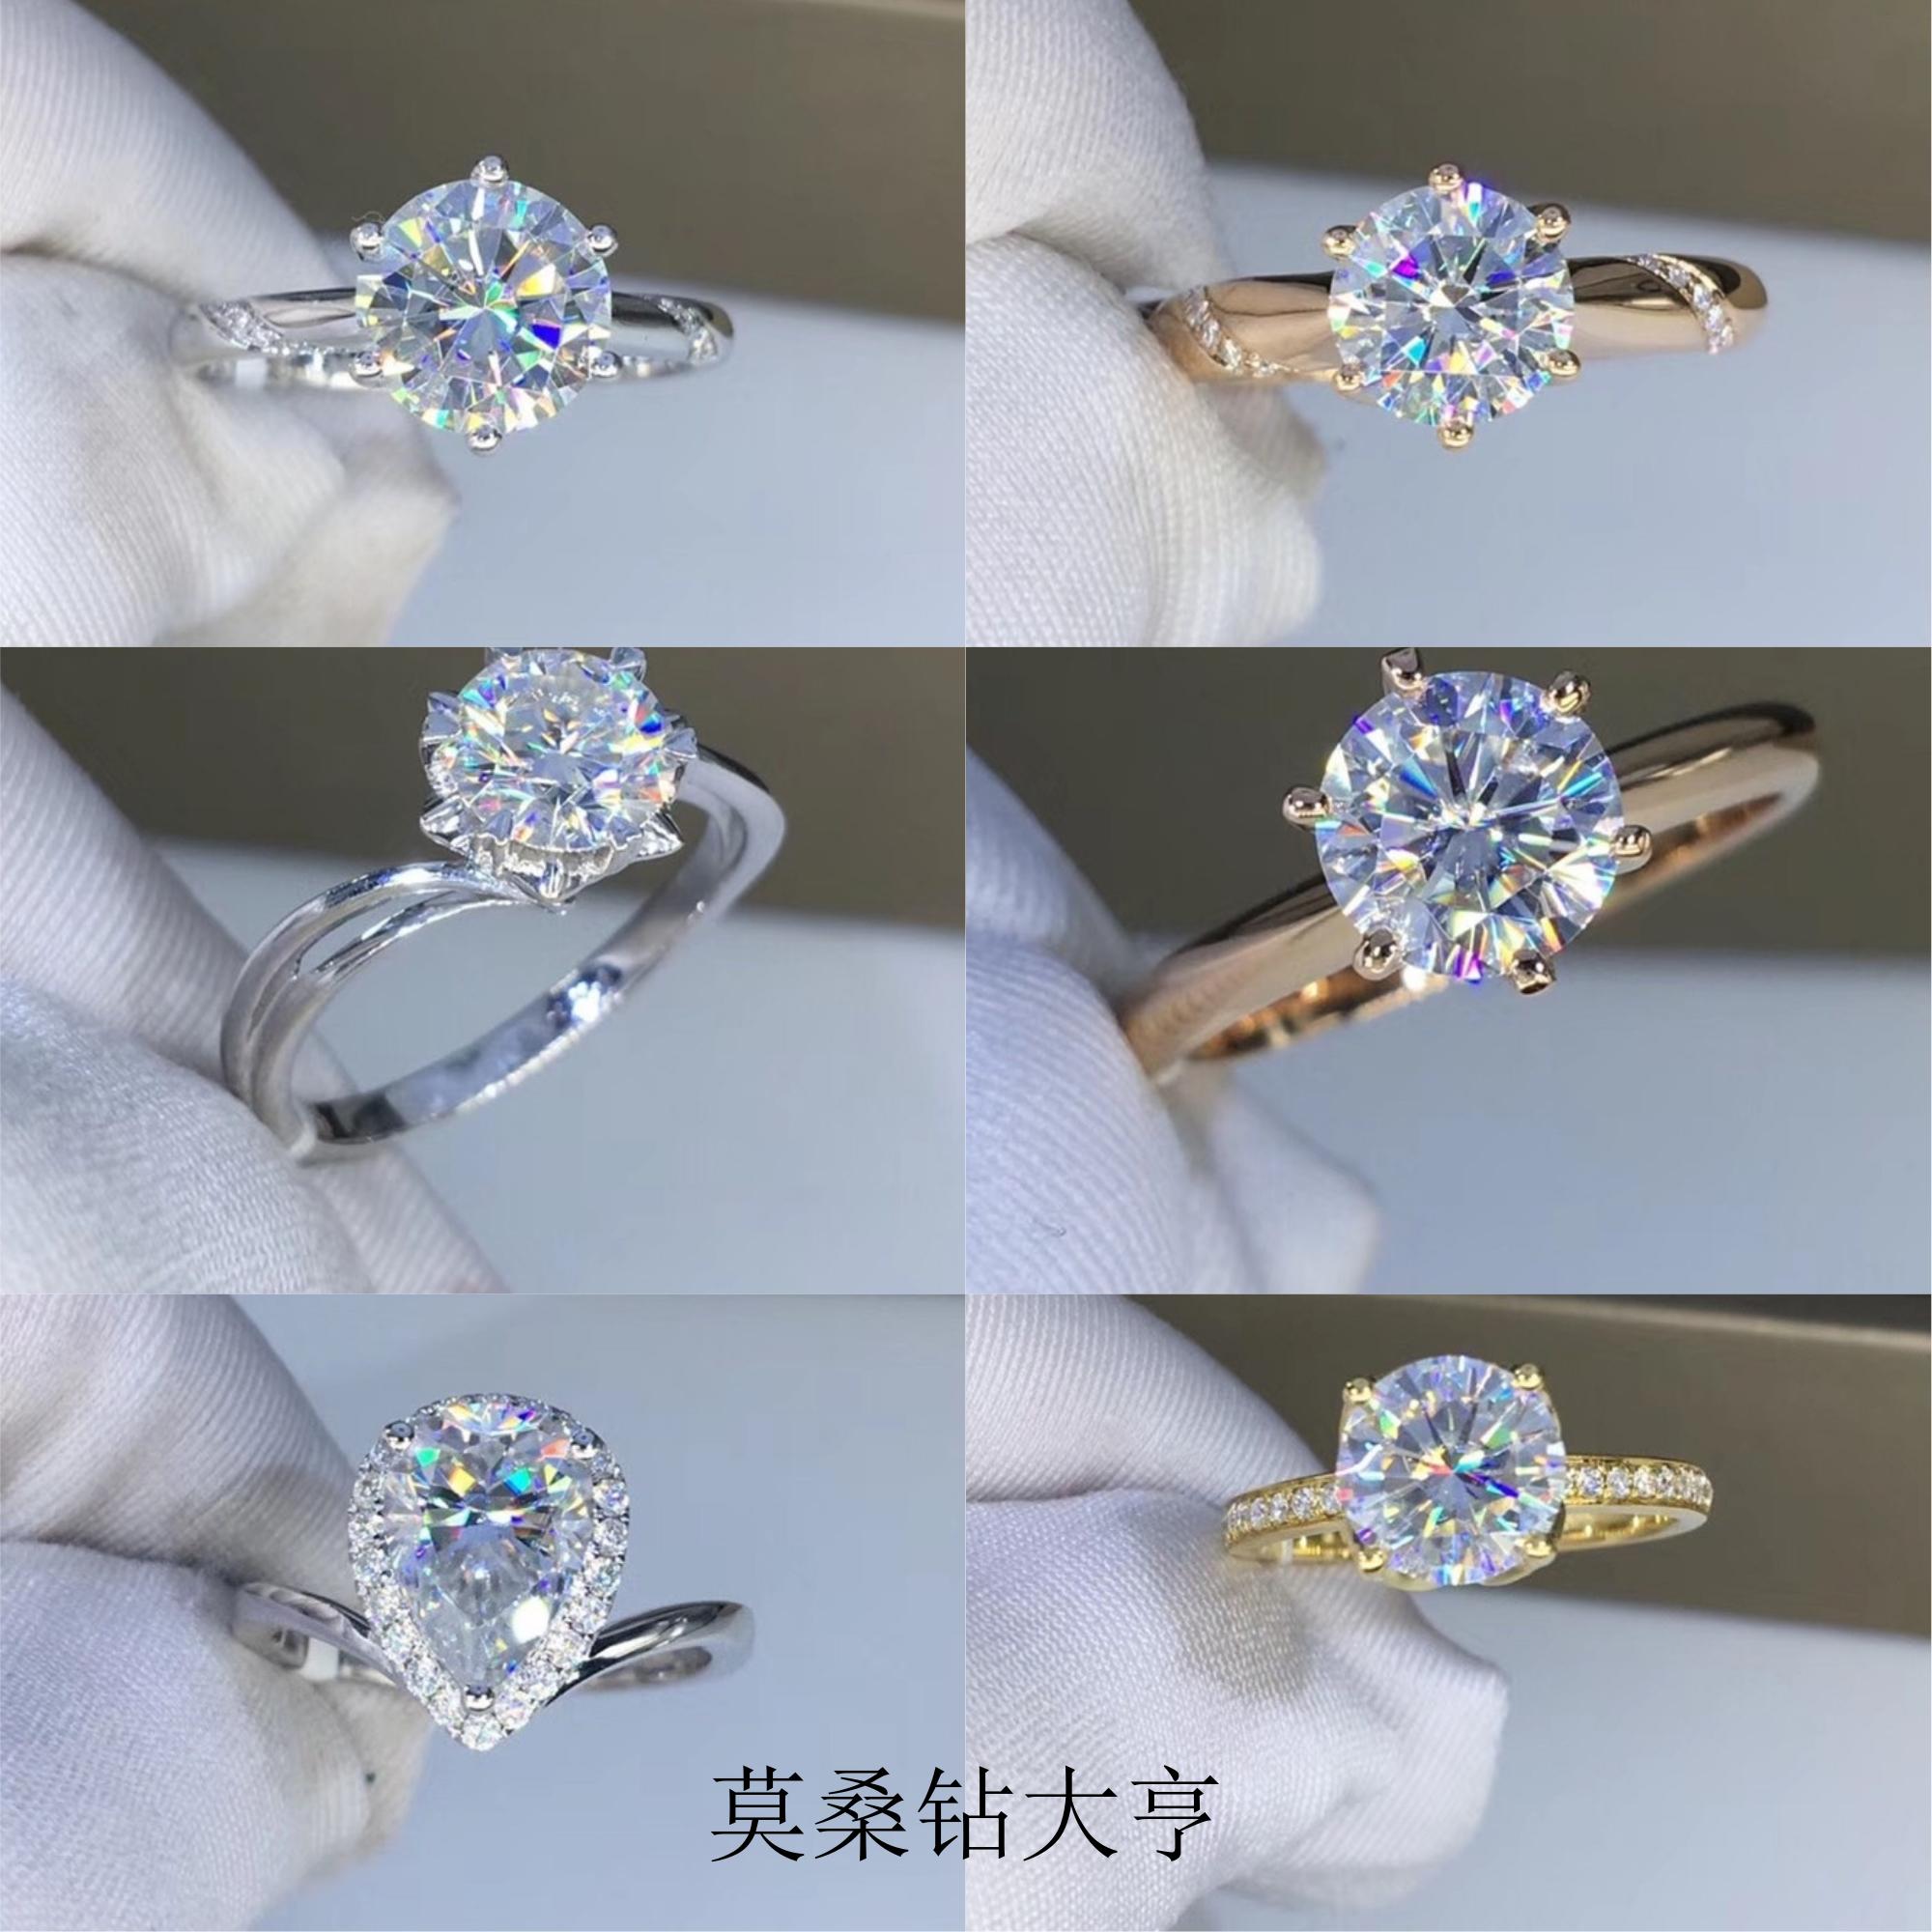 色莫桑石戒指裸钻订制异形男女婚钻戒吊坠耳钉 金镶嵌美国进口  18K D